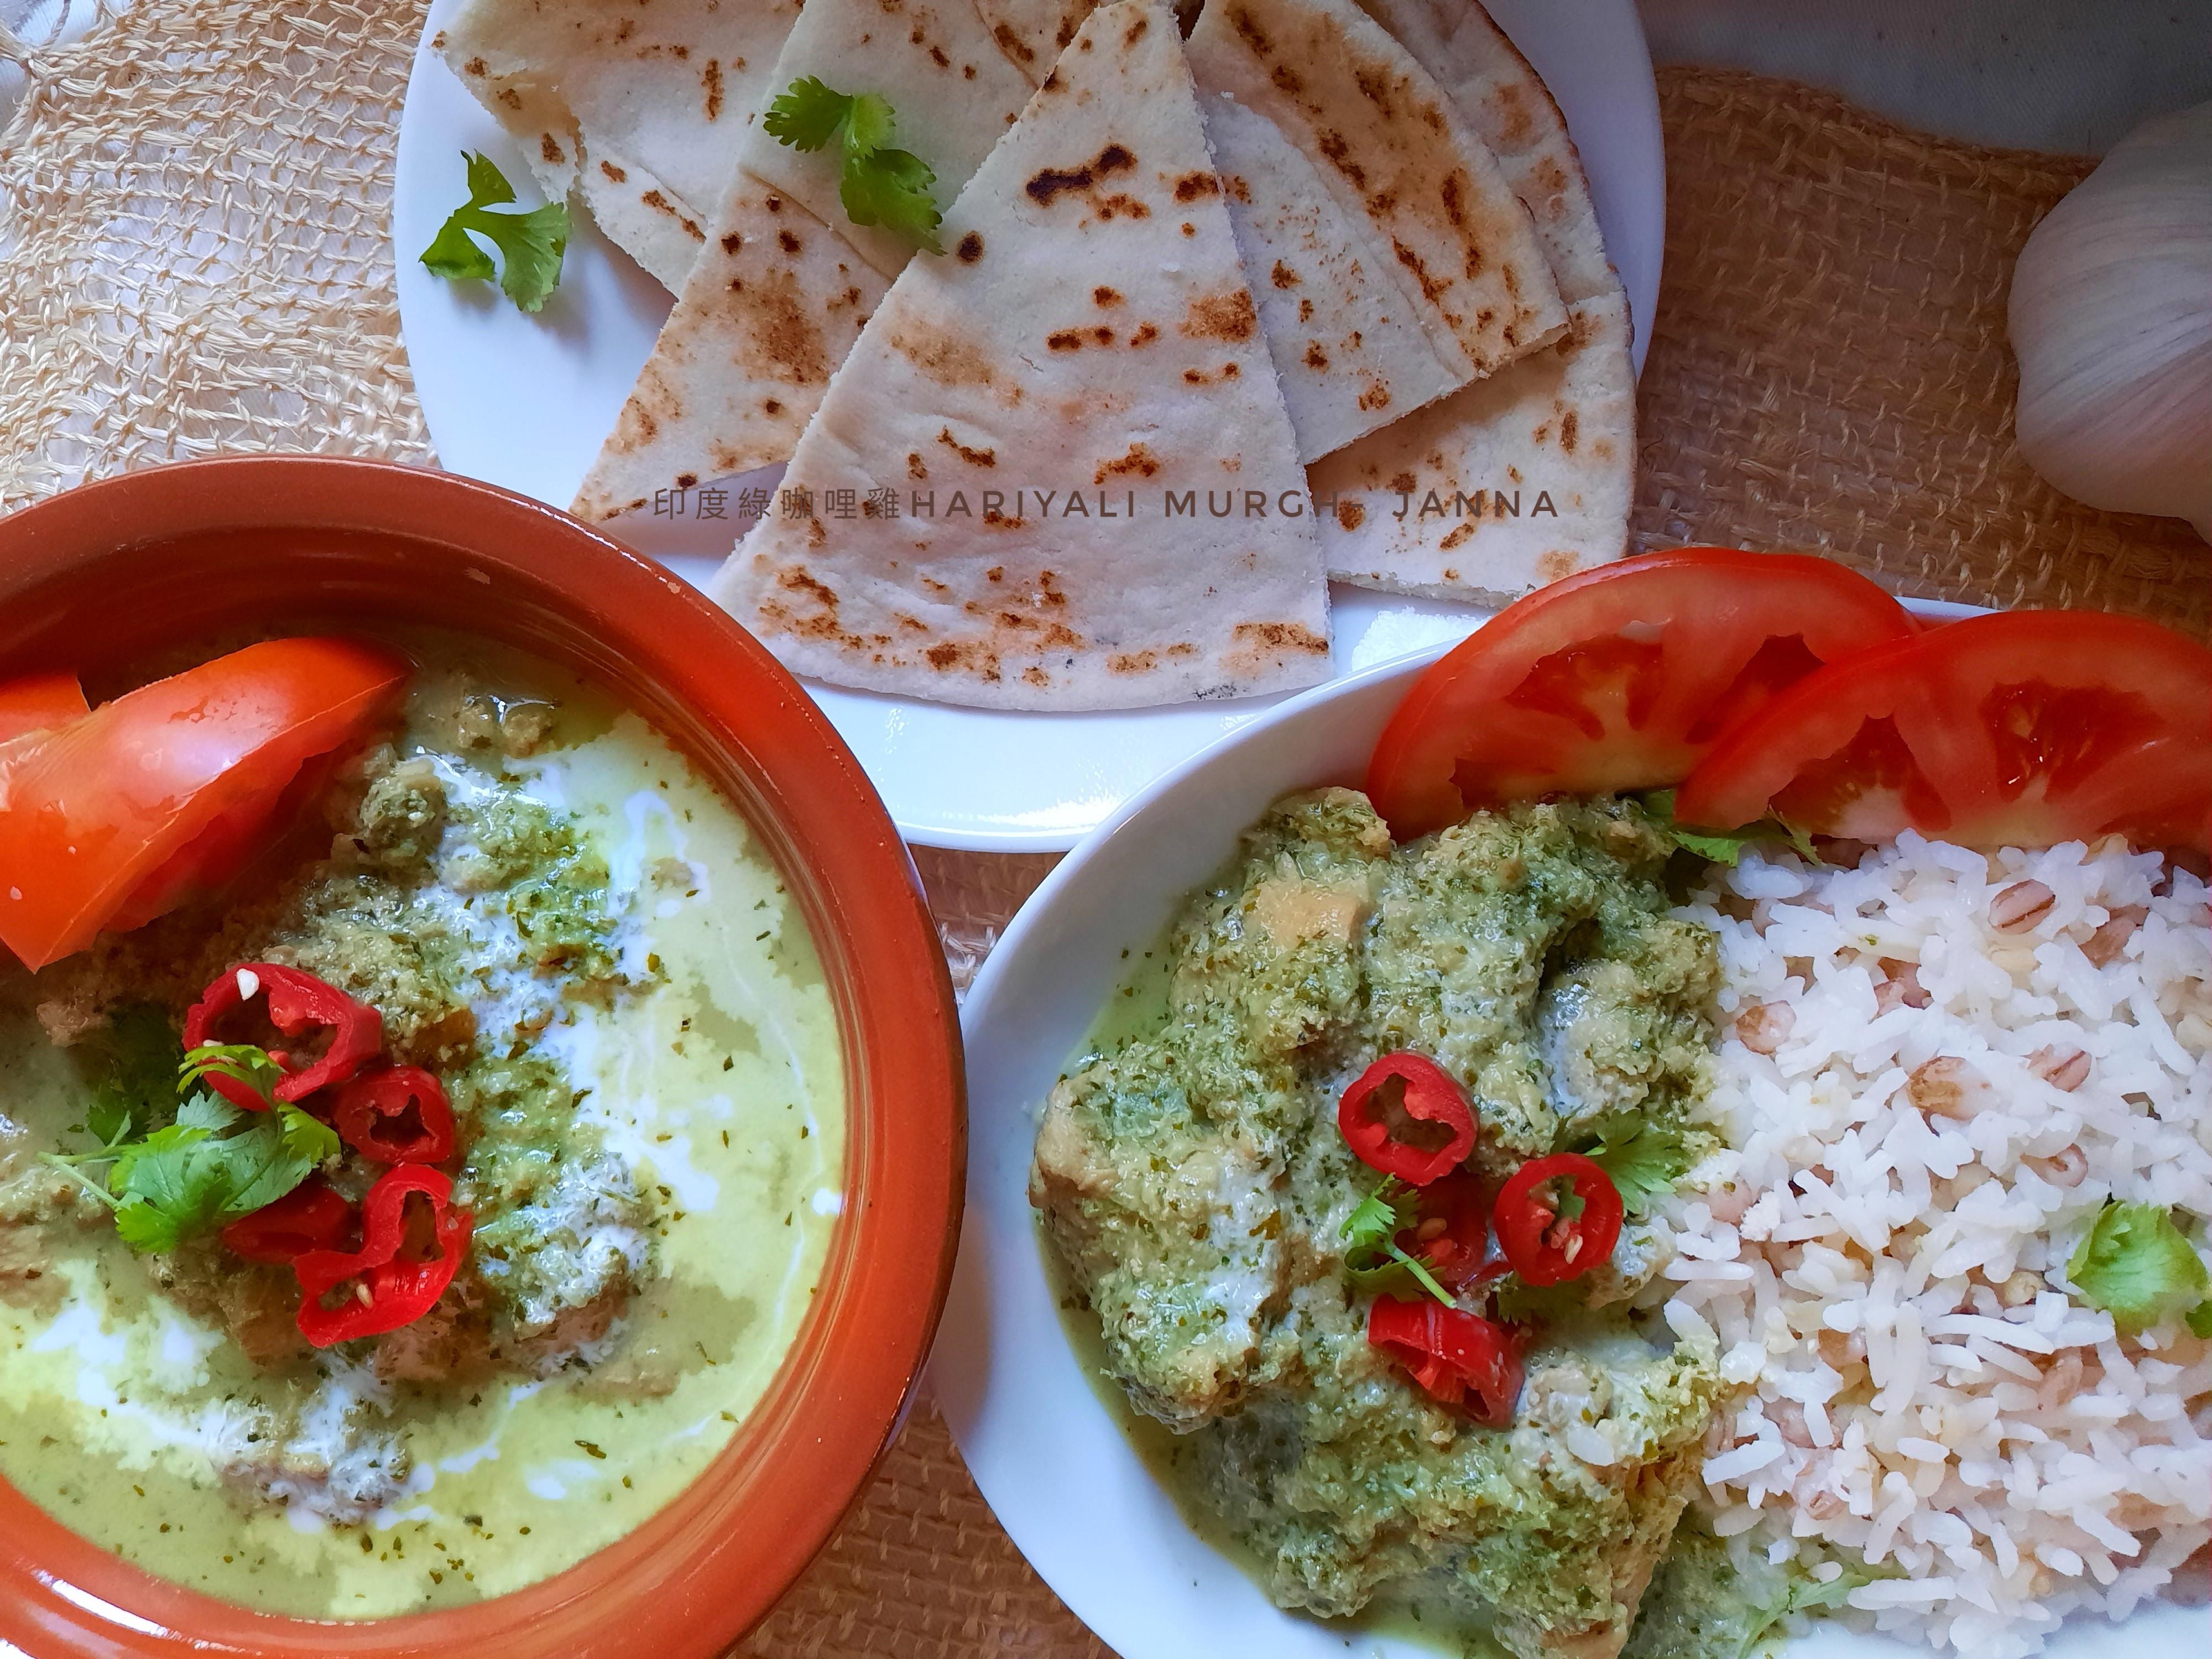 印度綠咖哩雞Hariyali Murgh